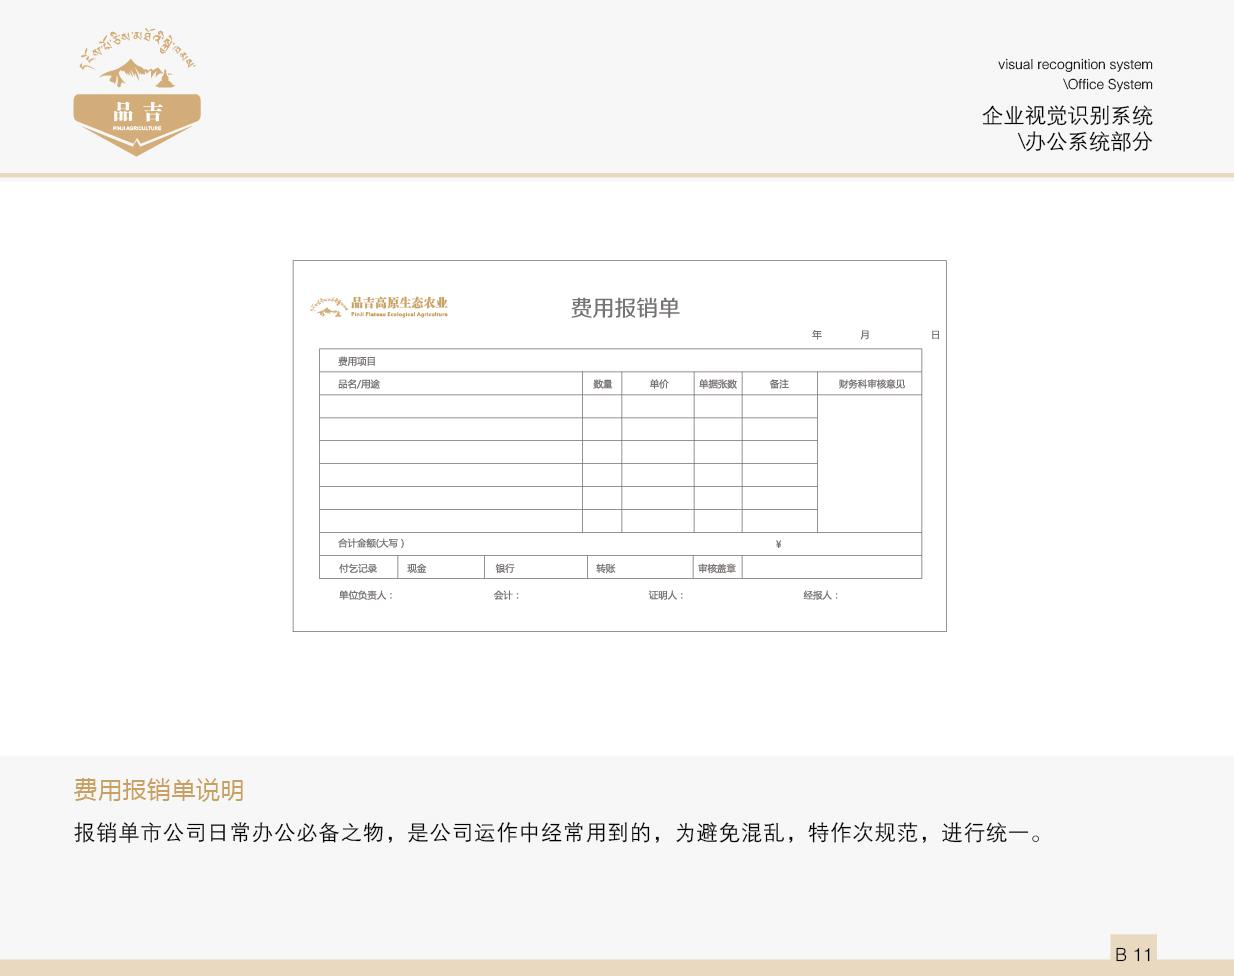 品吉农业VI 办公系统部分  客户资料  第12张